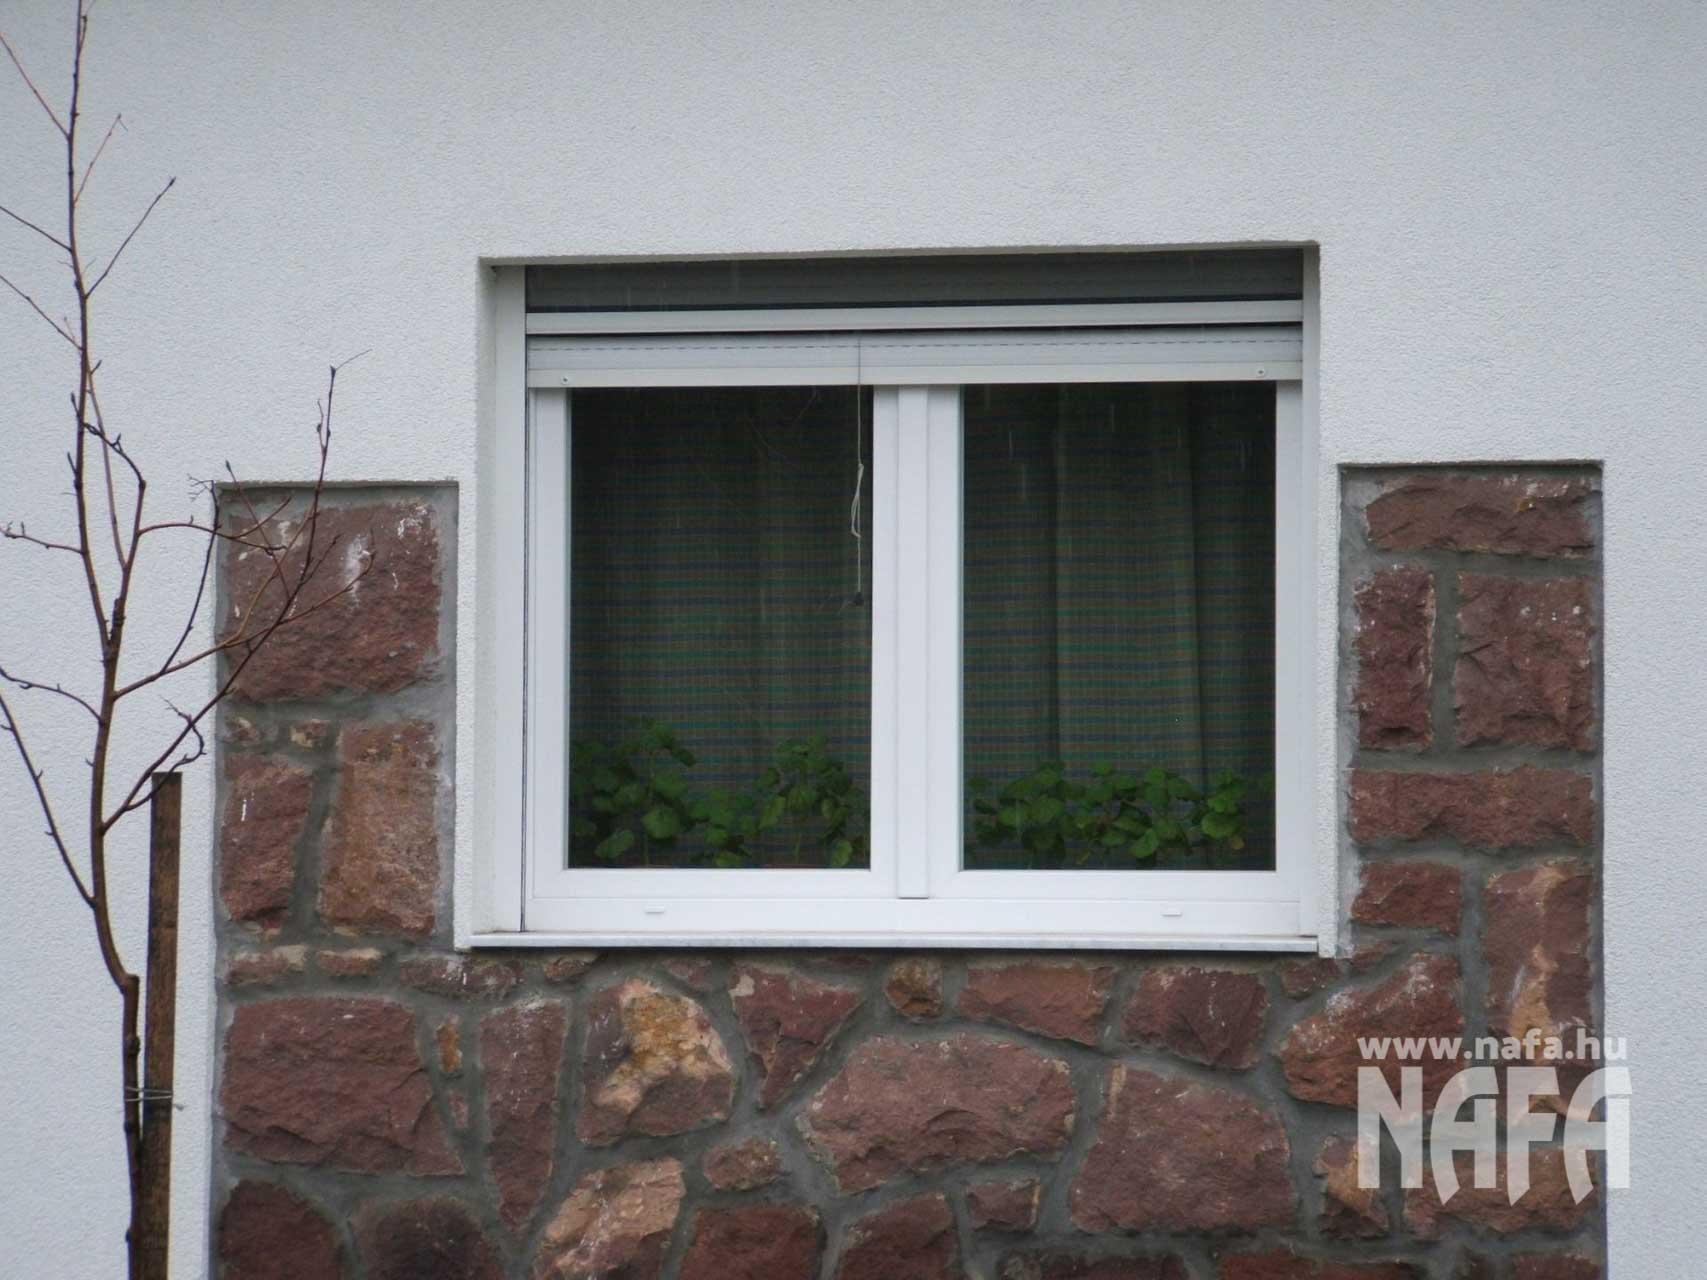 Műanyag nyílászárók, egyedi ablakok, Nagyatád Családiház